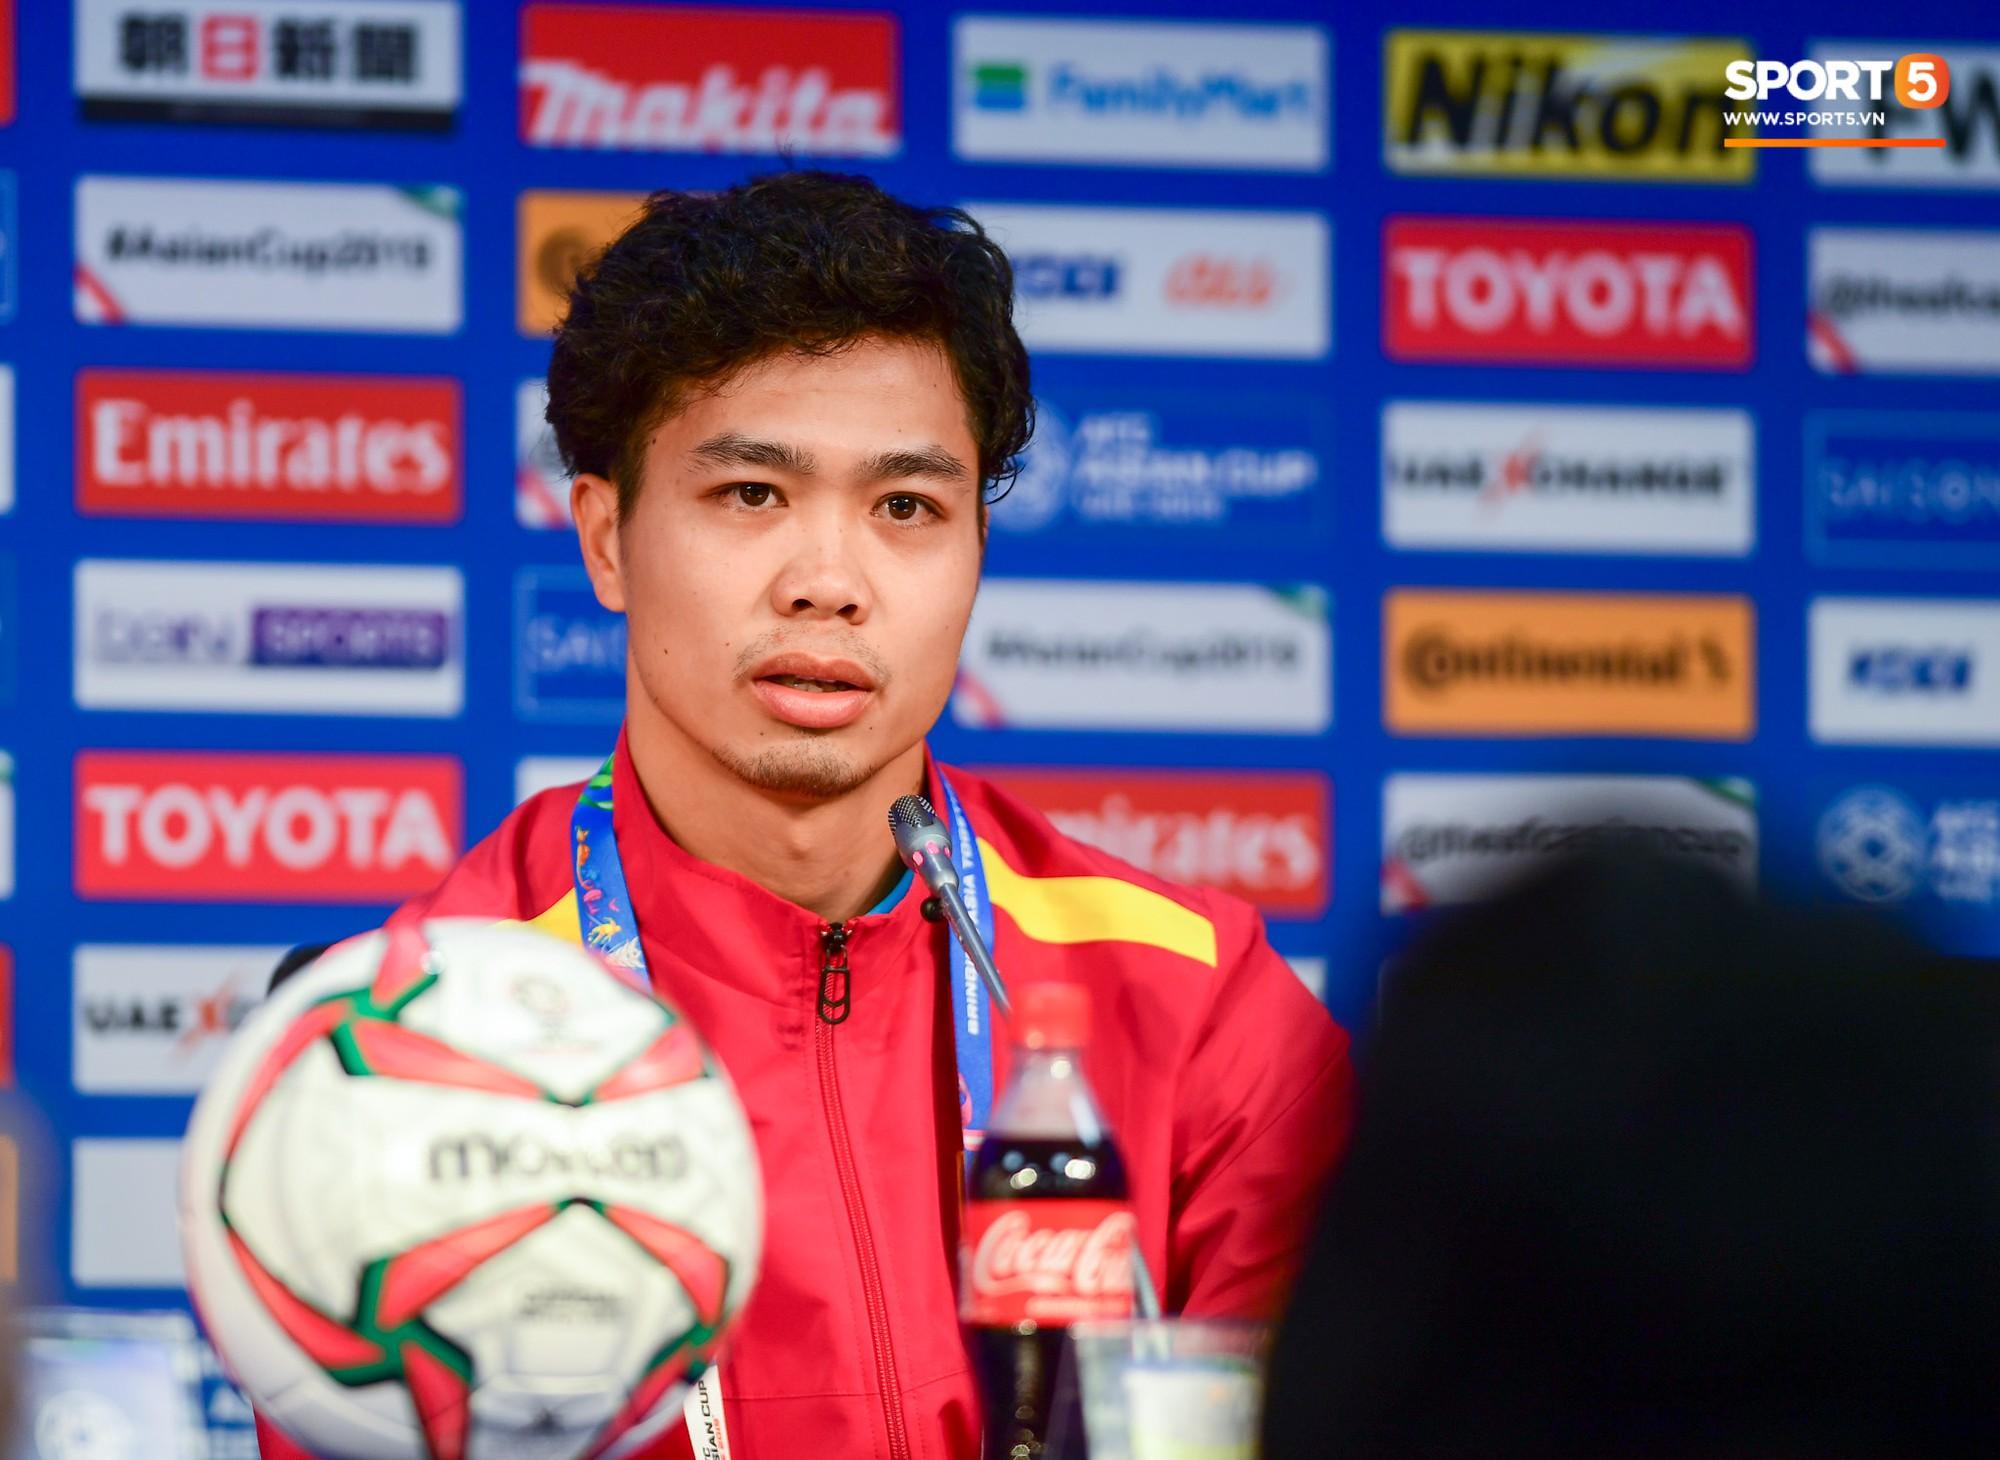 Việt Nam vs Nhật Bản: Ngày Công Phượng chứng minh mình có thể làm tốt hơn việc phát tờ rơi - Ảnh 4.